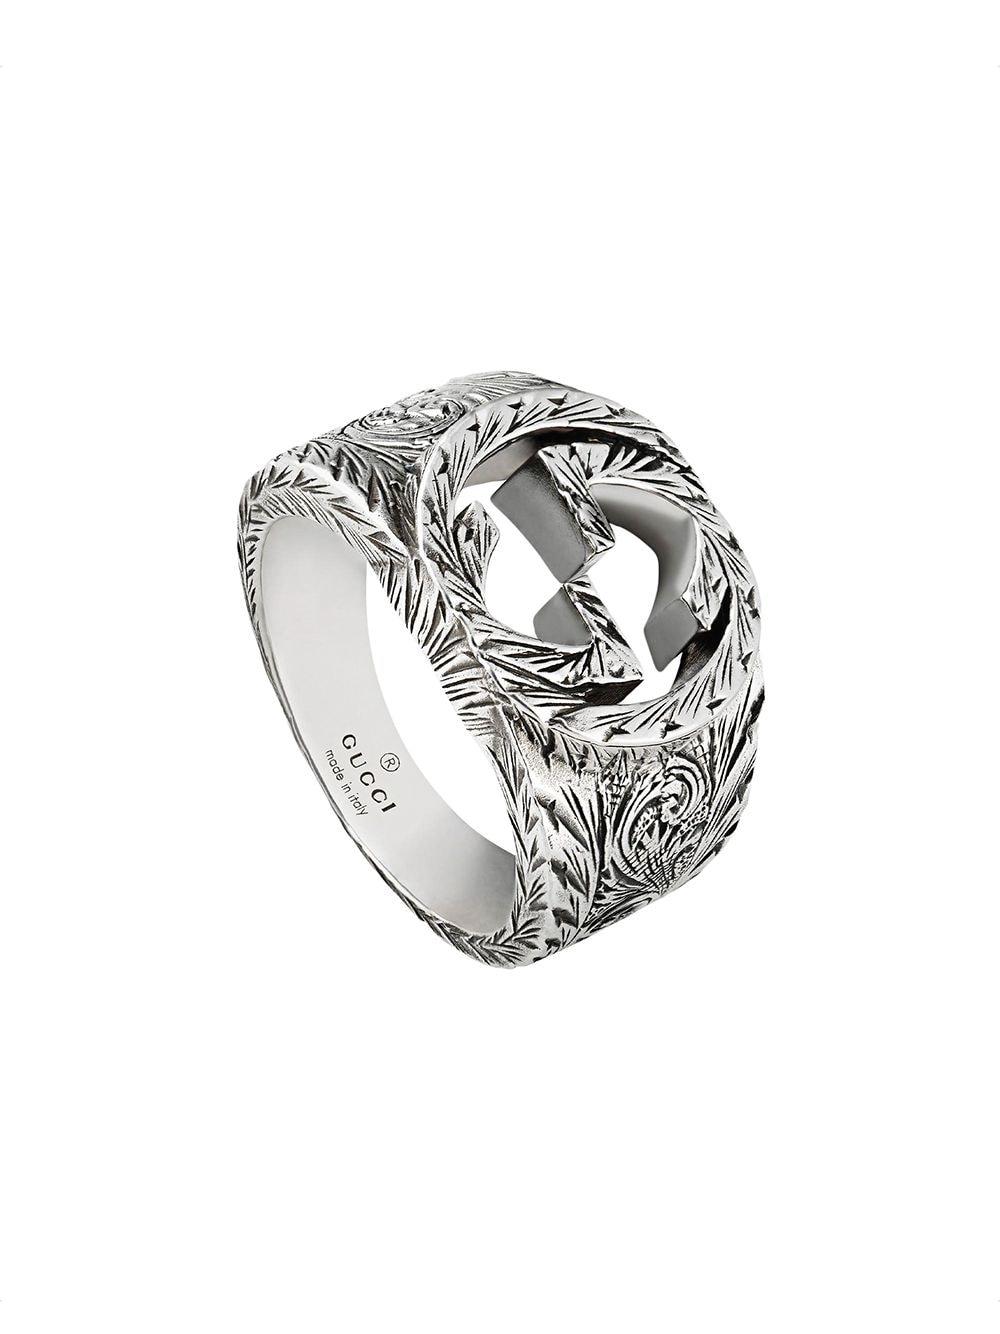 7bf59434c7 Ringe von GUCCI für Frauen günstig online kaufen bei fashn.de